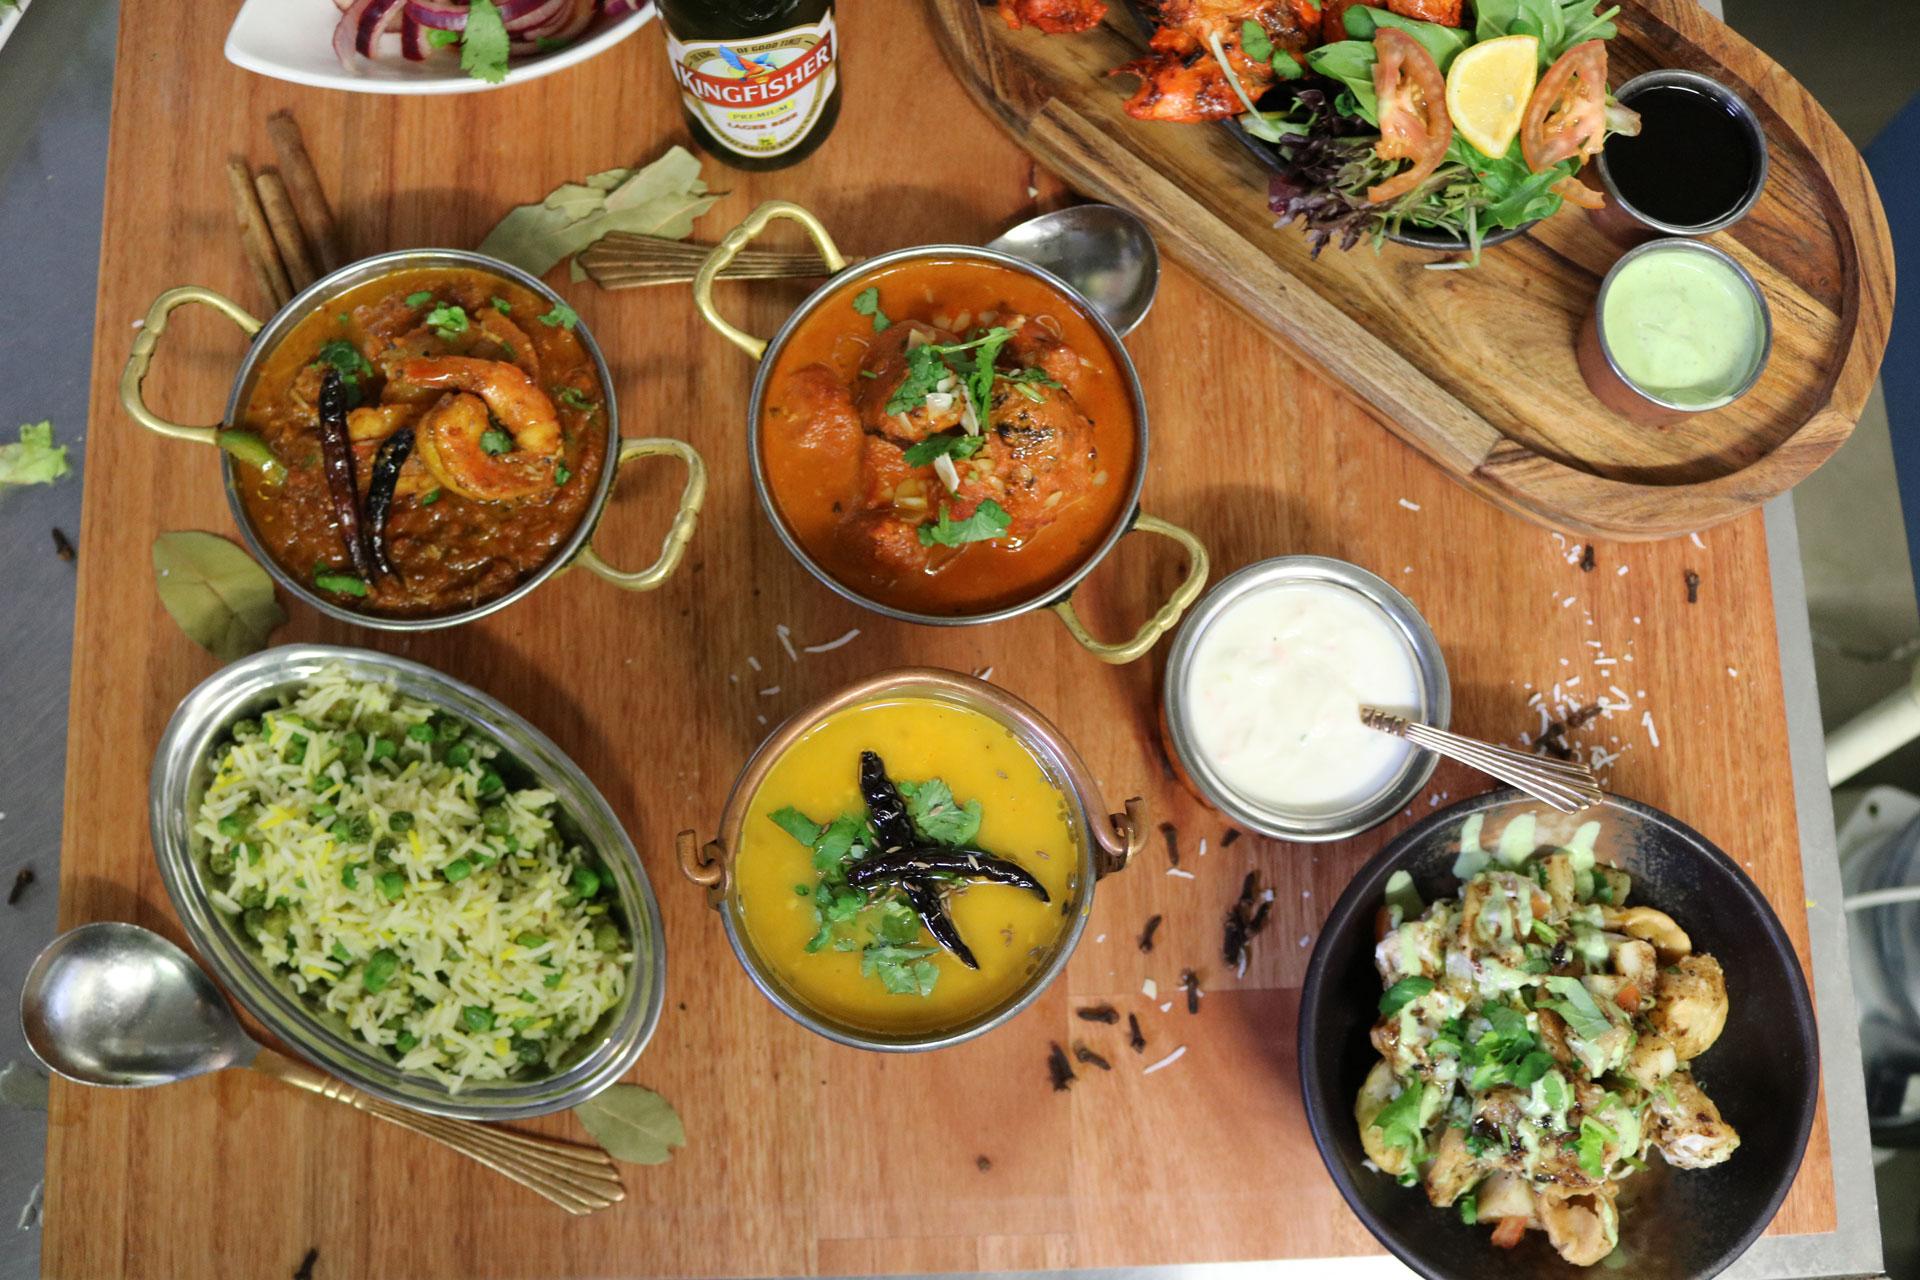 Top 6 Indian restaurants in Vermont